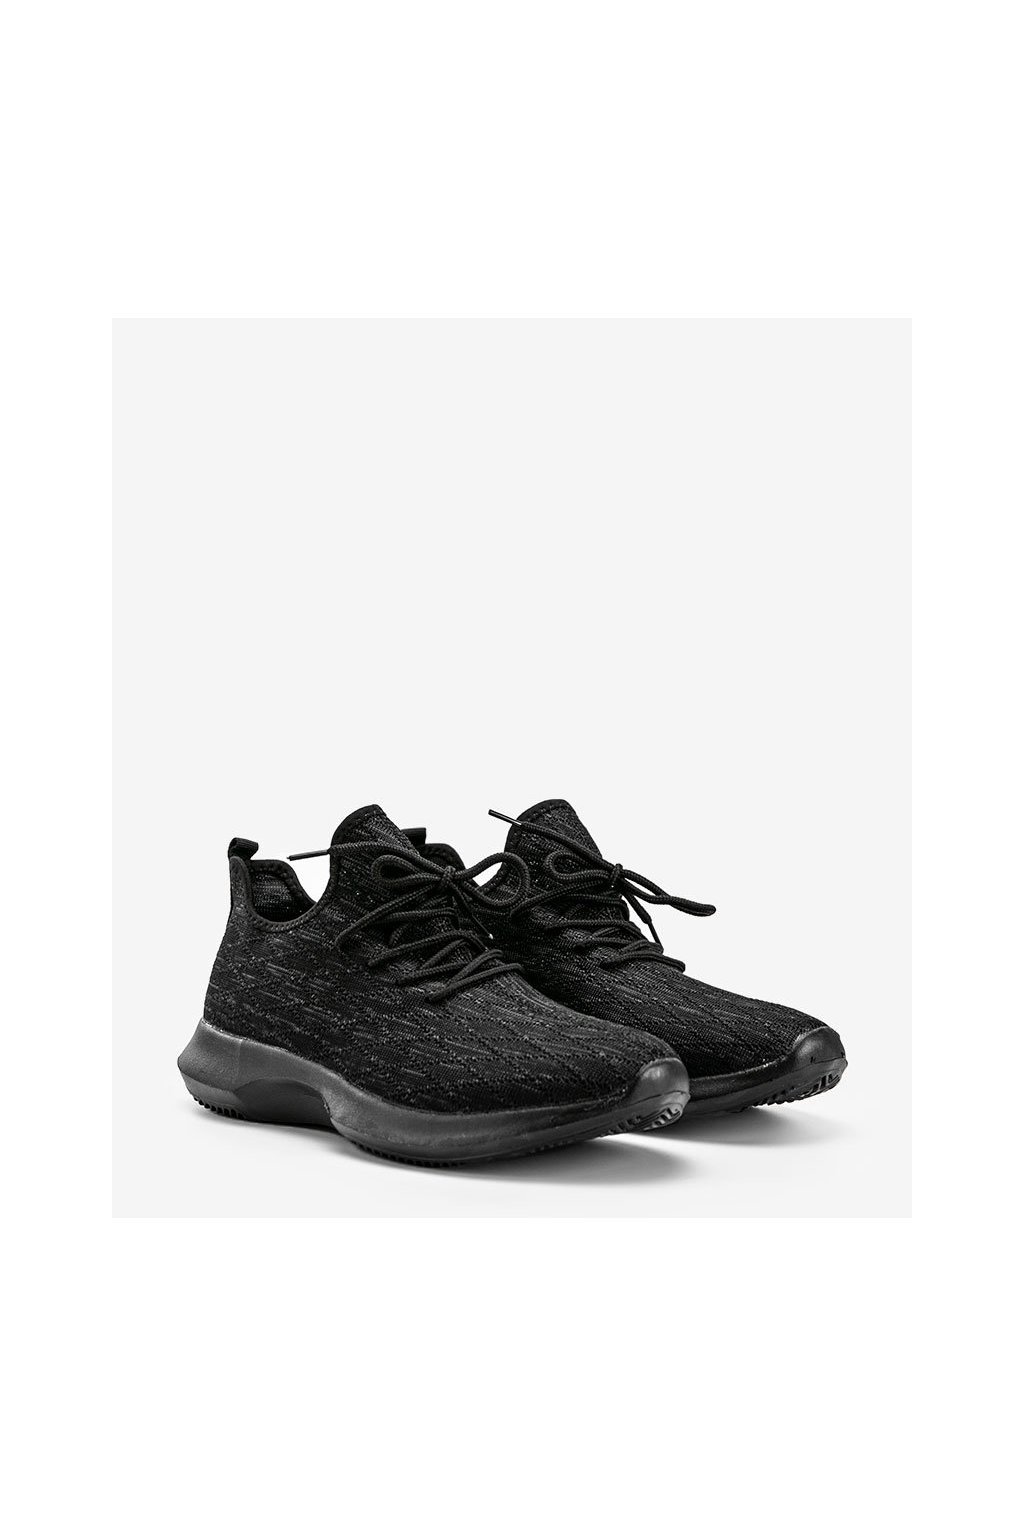 Pánske topánky tenisky čierne kód A9767-1 - GM